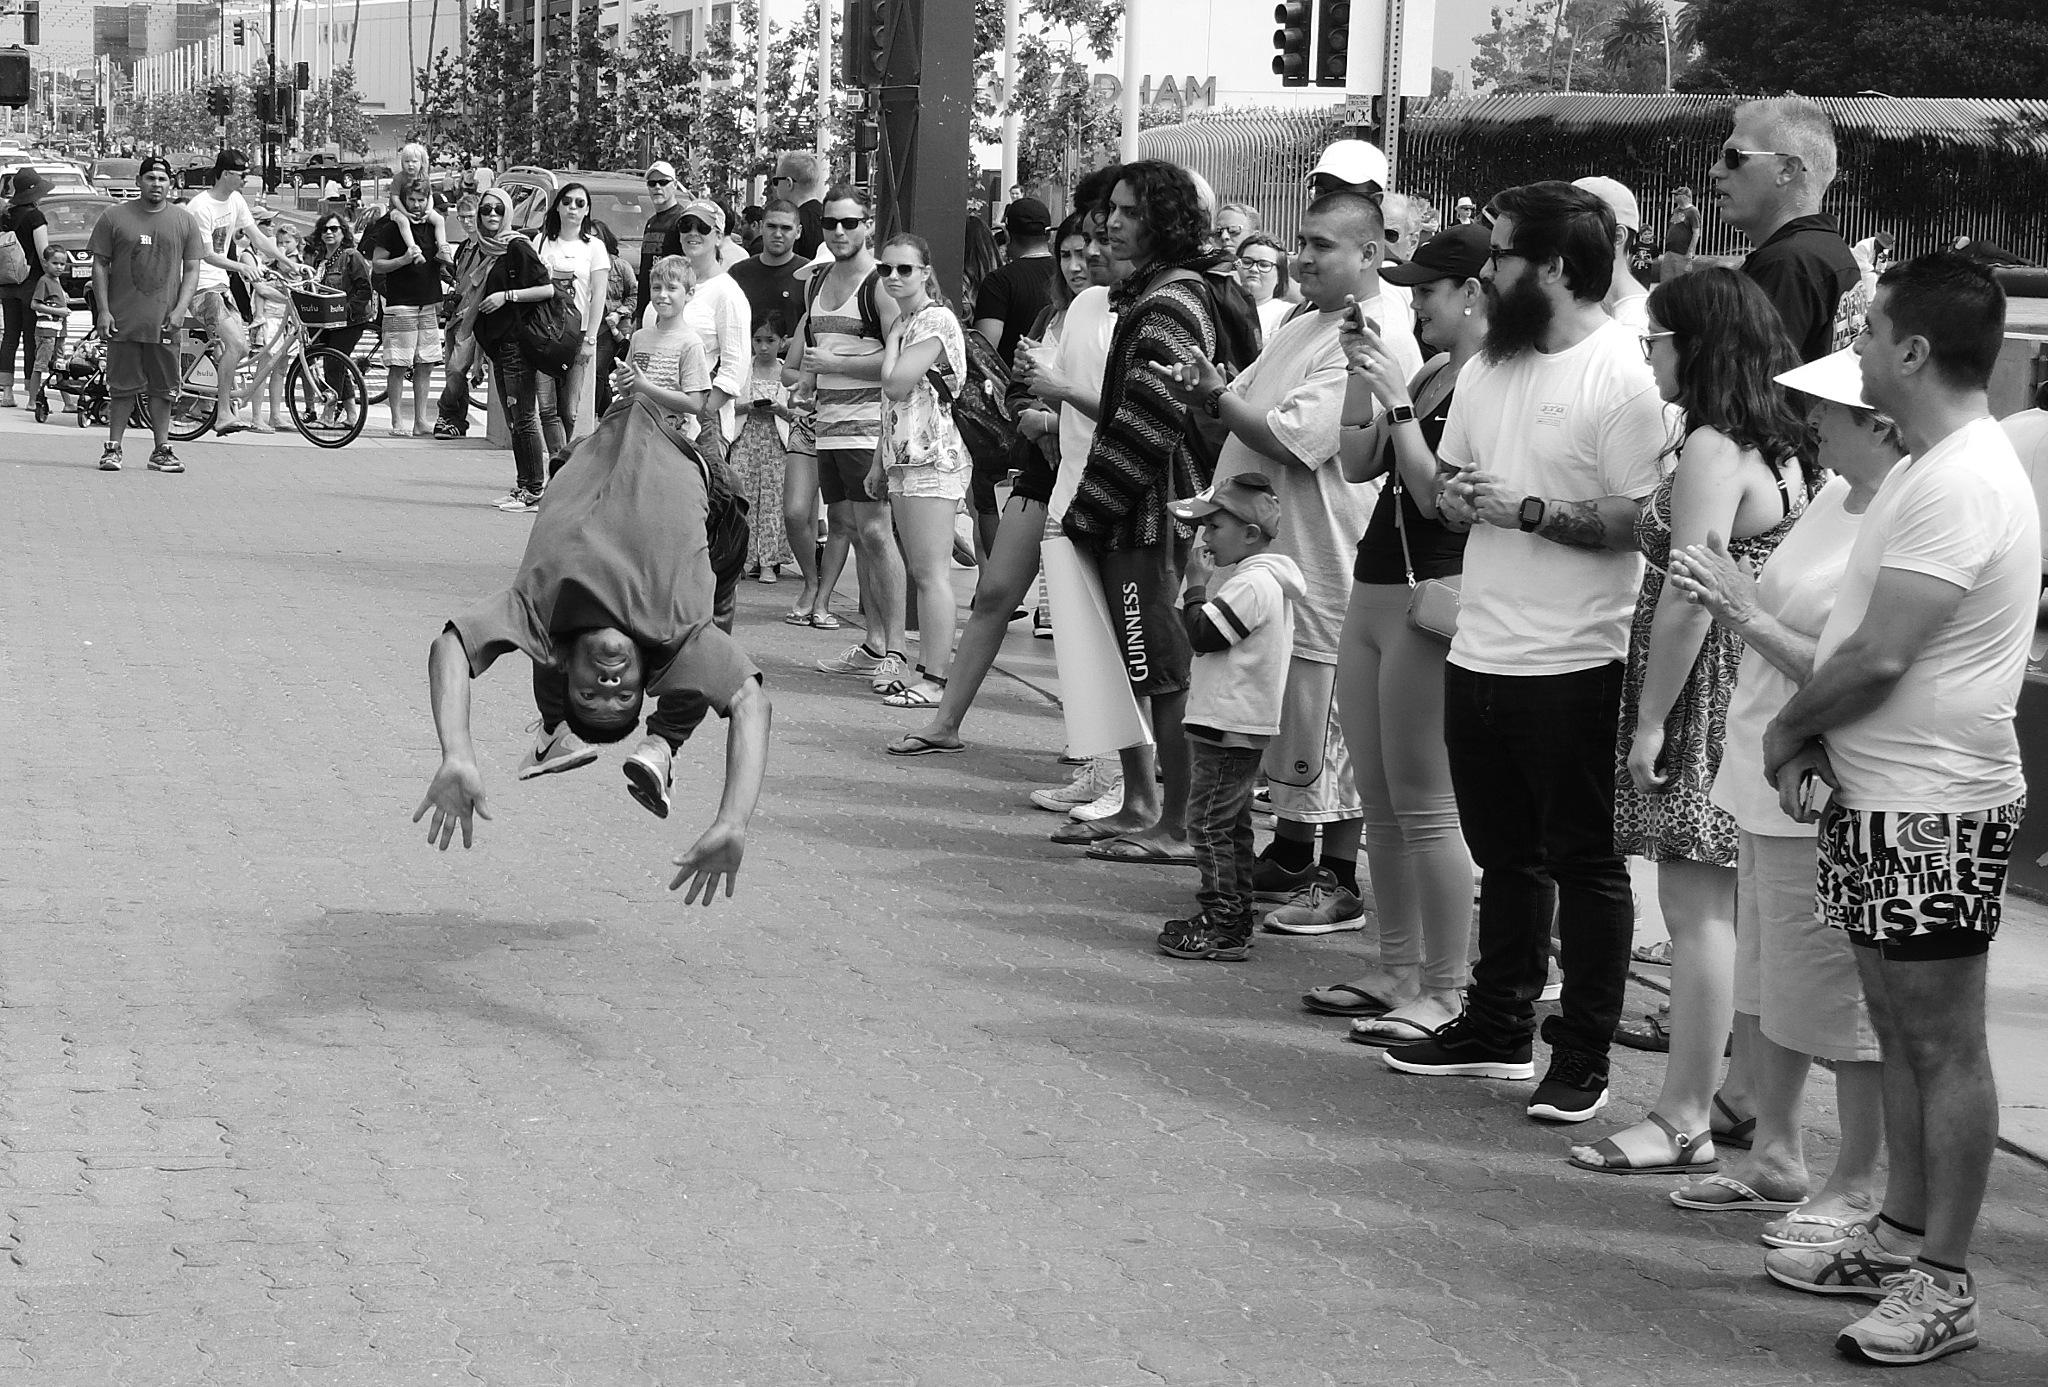 Street dance by Ola Edestav